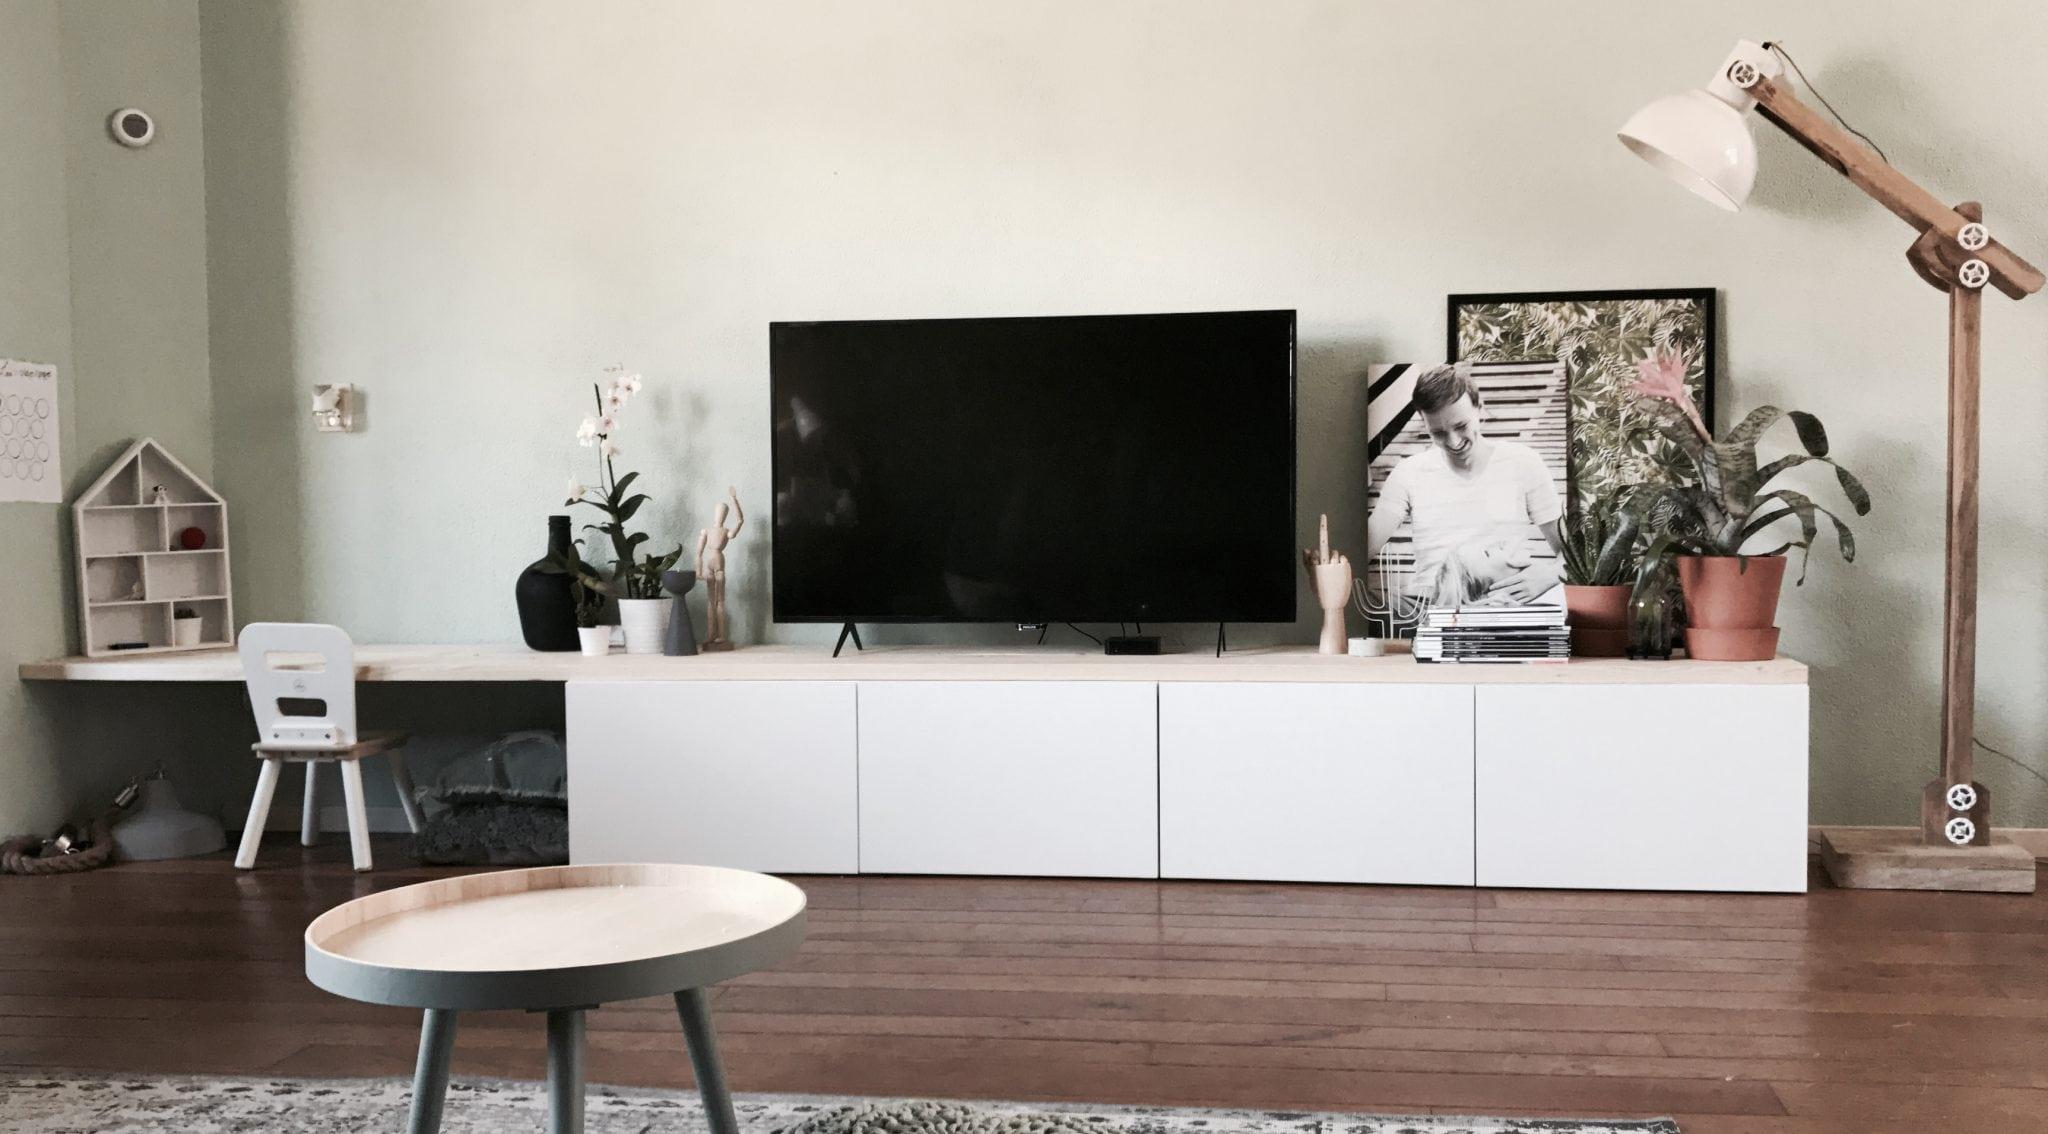 cool wij hebben deze ikea besta hack in etappes gemaakt omdat sommige ideen ontstonden tijdens. Black Bedroom Furniture Sets. Home Design Ideas